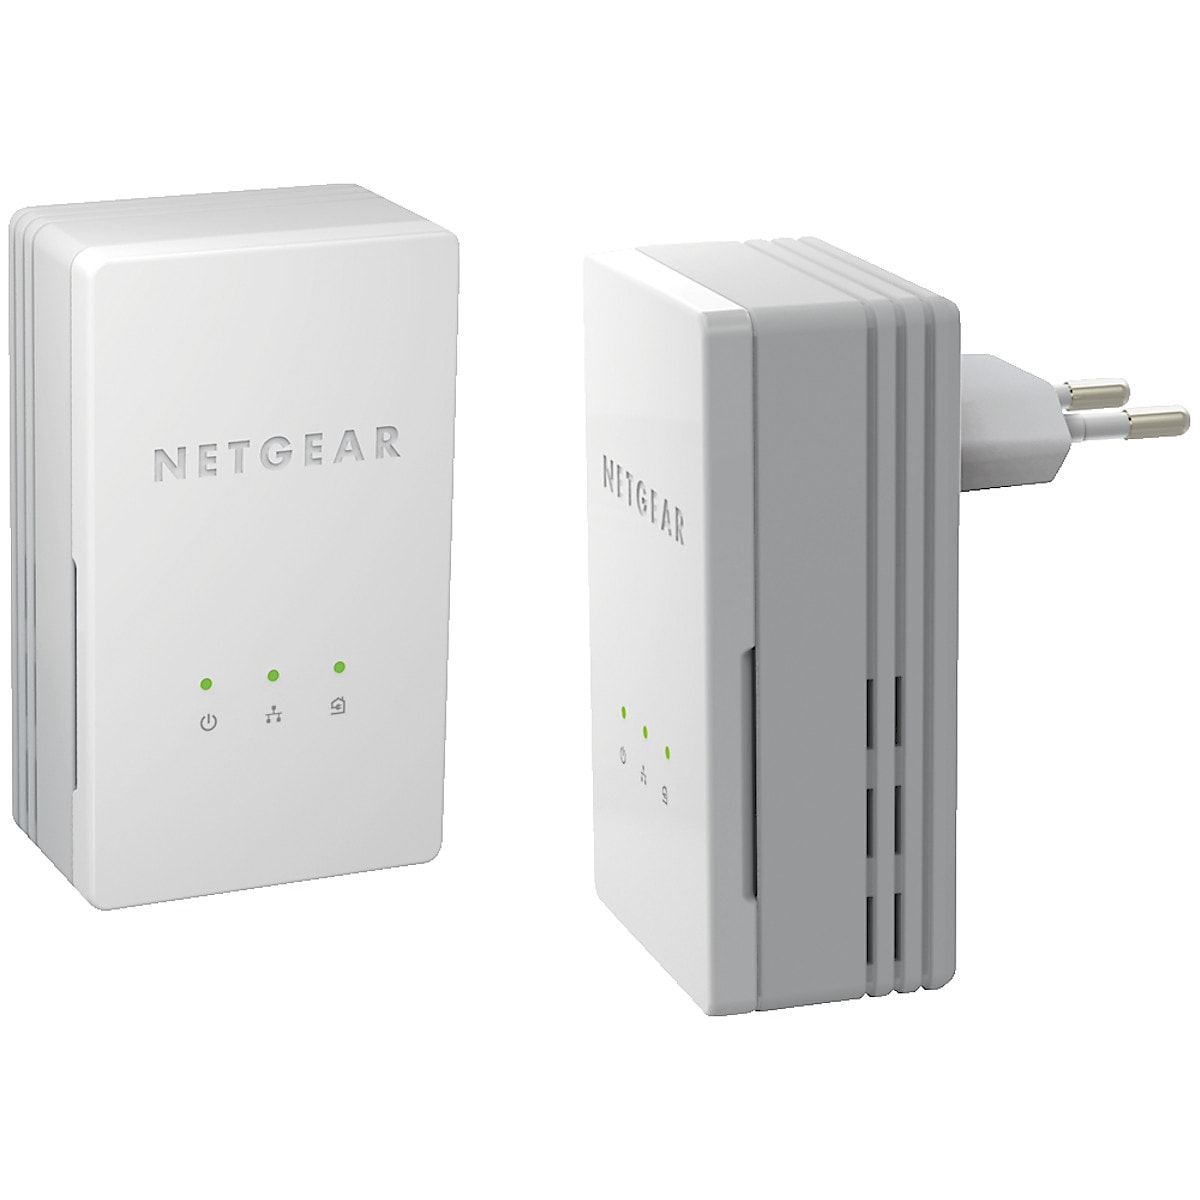 Netgear AV 200 HomePlug